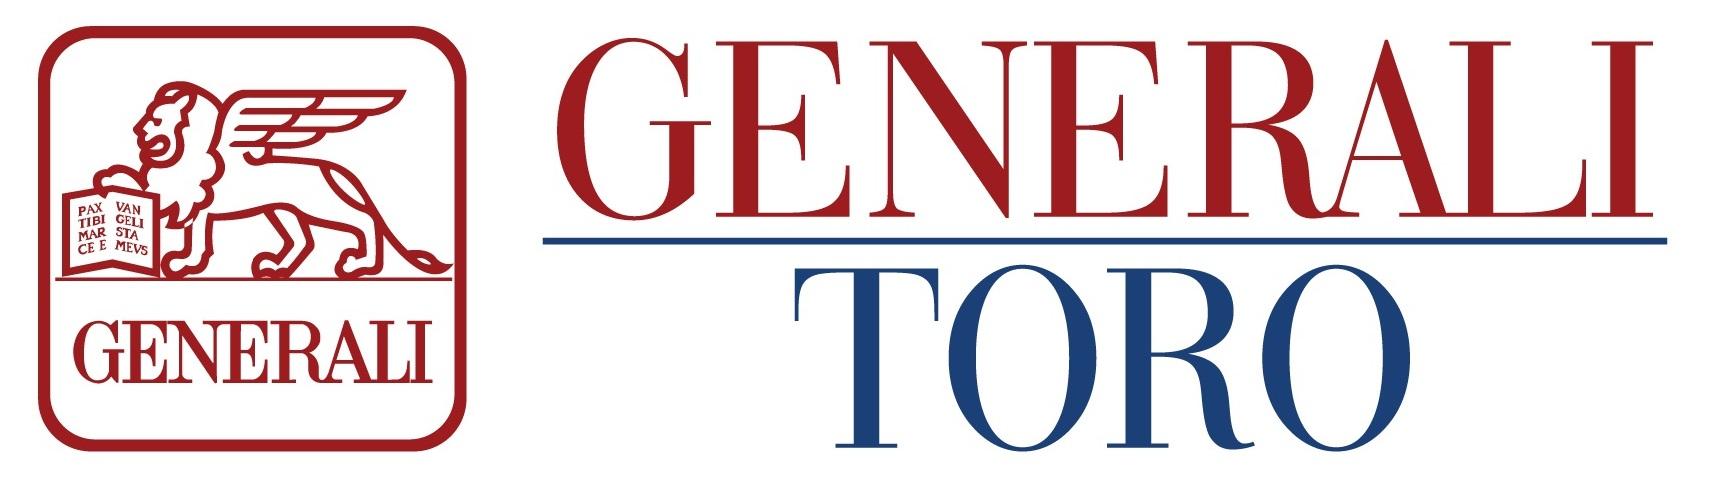 generali_toro